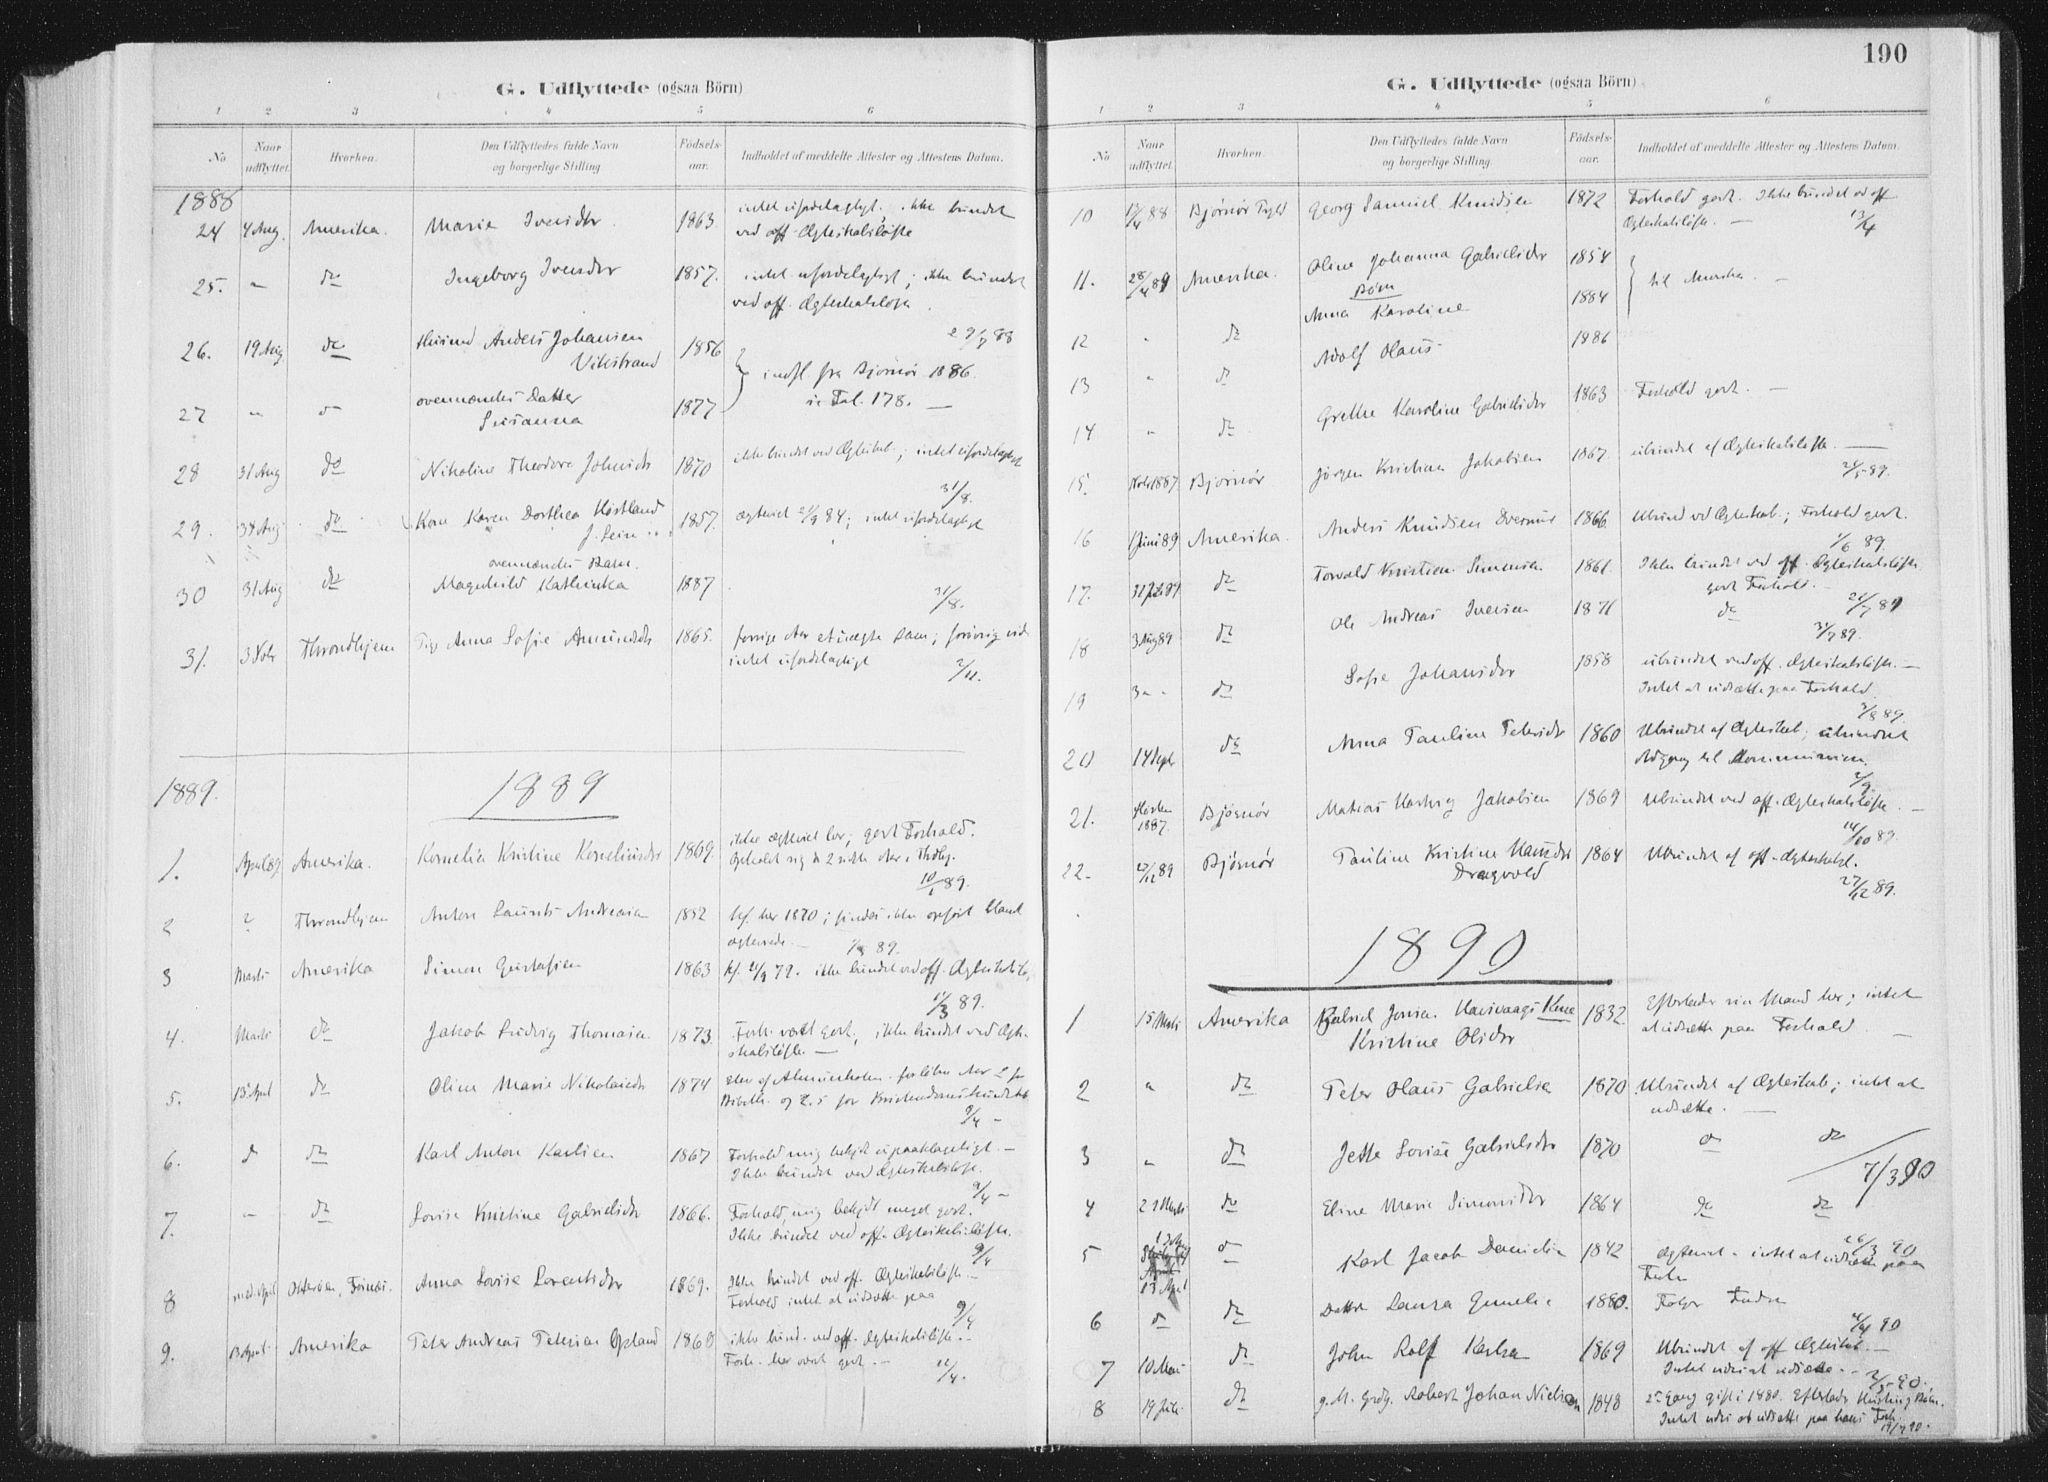 SAT, Ministerialprotokoller, klokkerbøker og fødselsregistre - Nord-Trøndelag, 771/L0597: Ministerialbok nr. 771A04, 1885-1910, s. 190